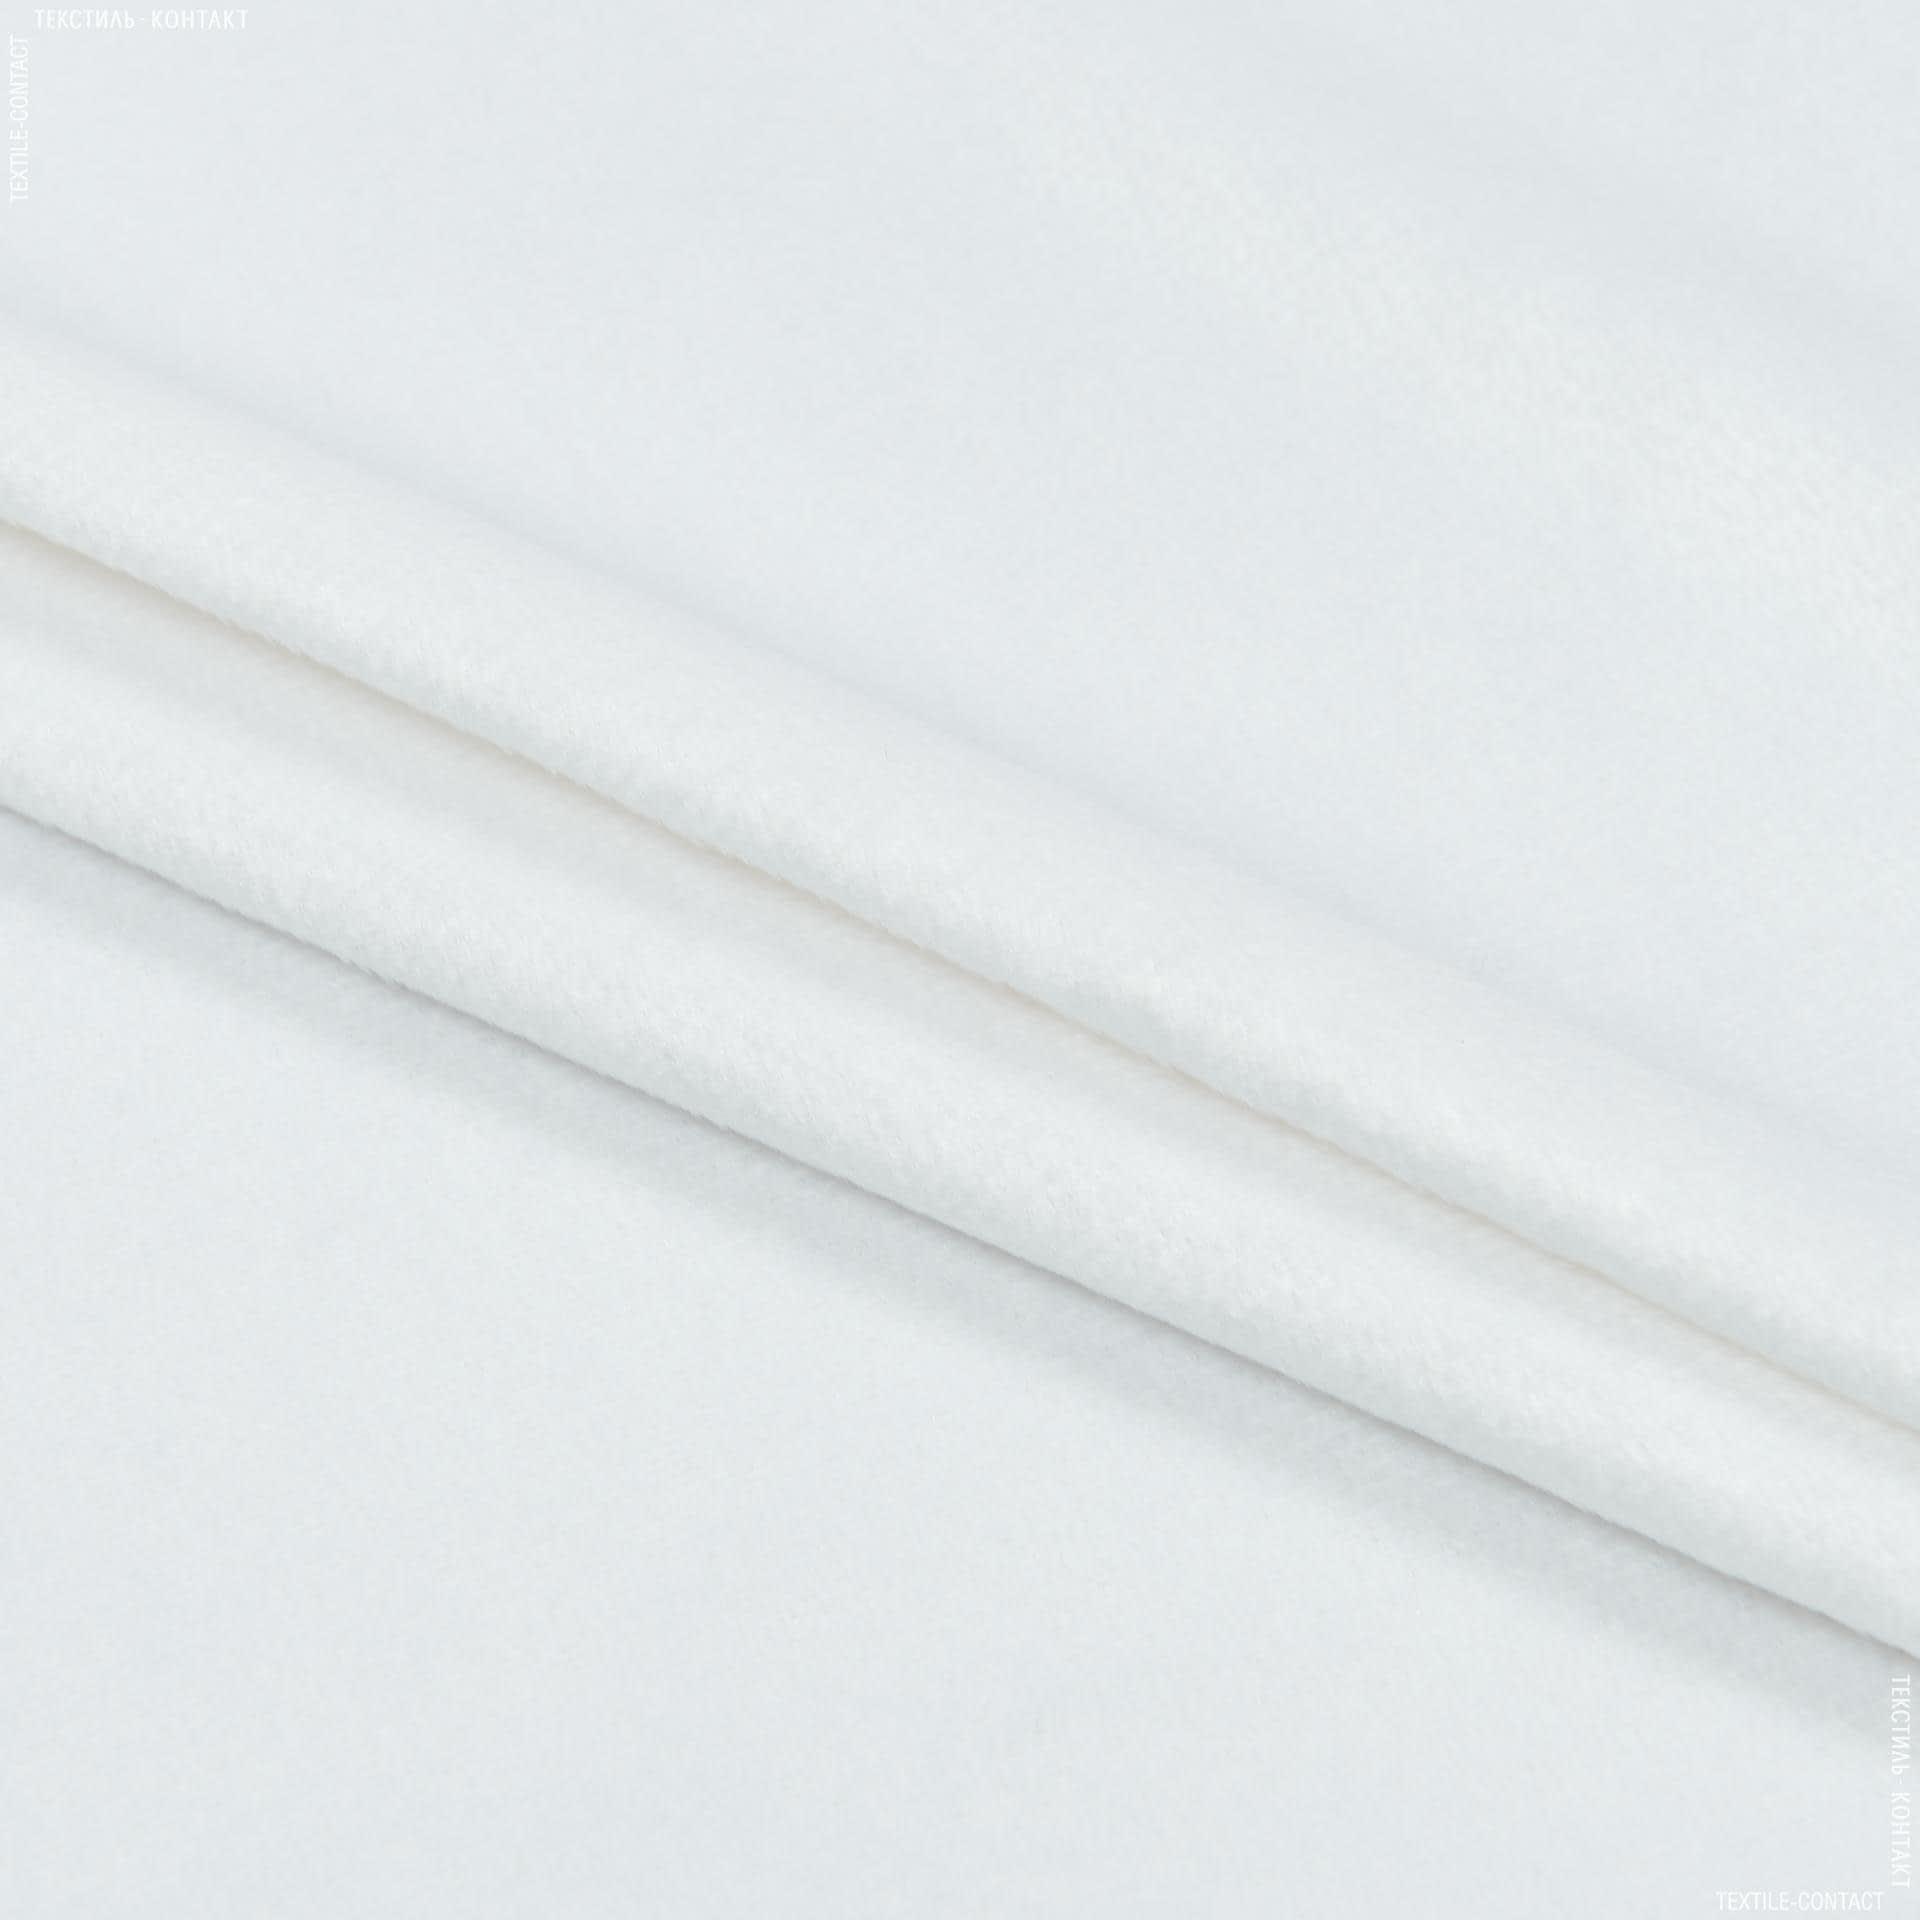 Ткани для верхней одежды - Плюш (вельбо) лайт белый